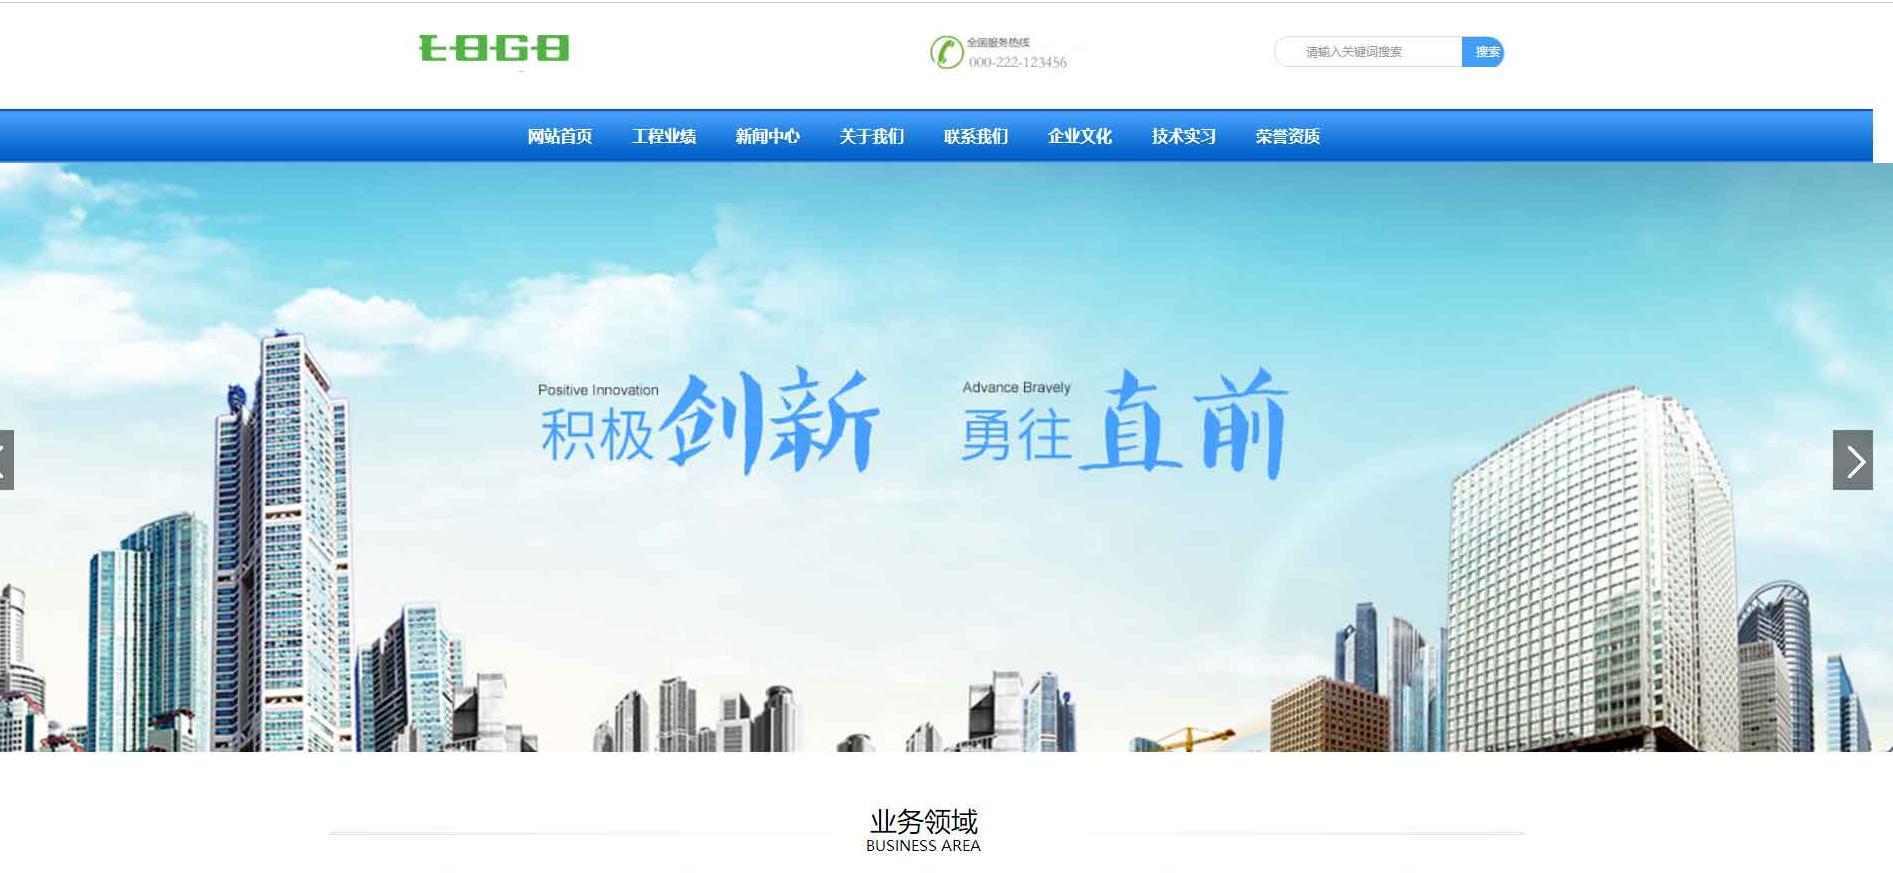 工程行業網站